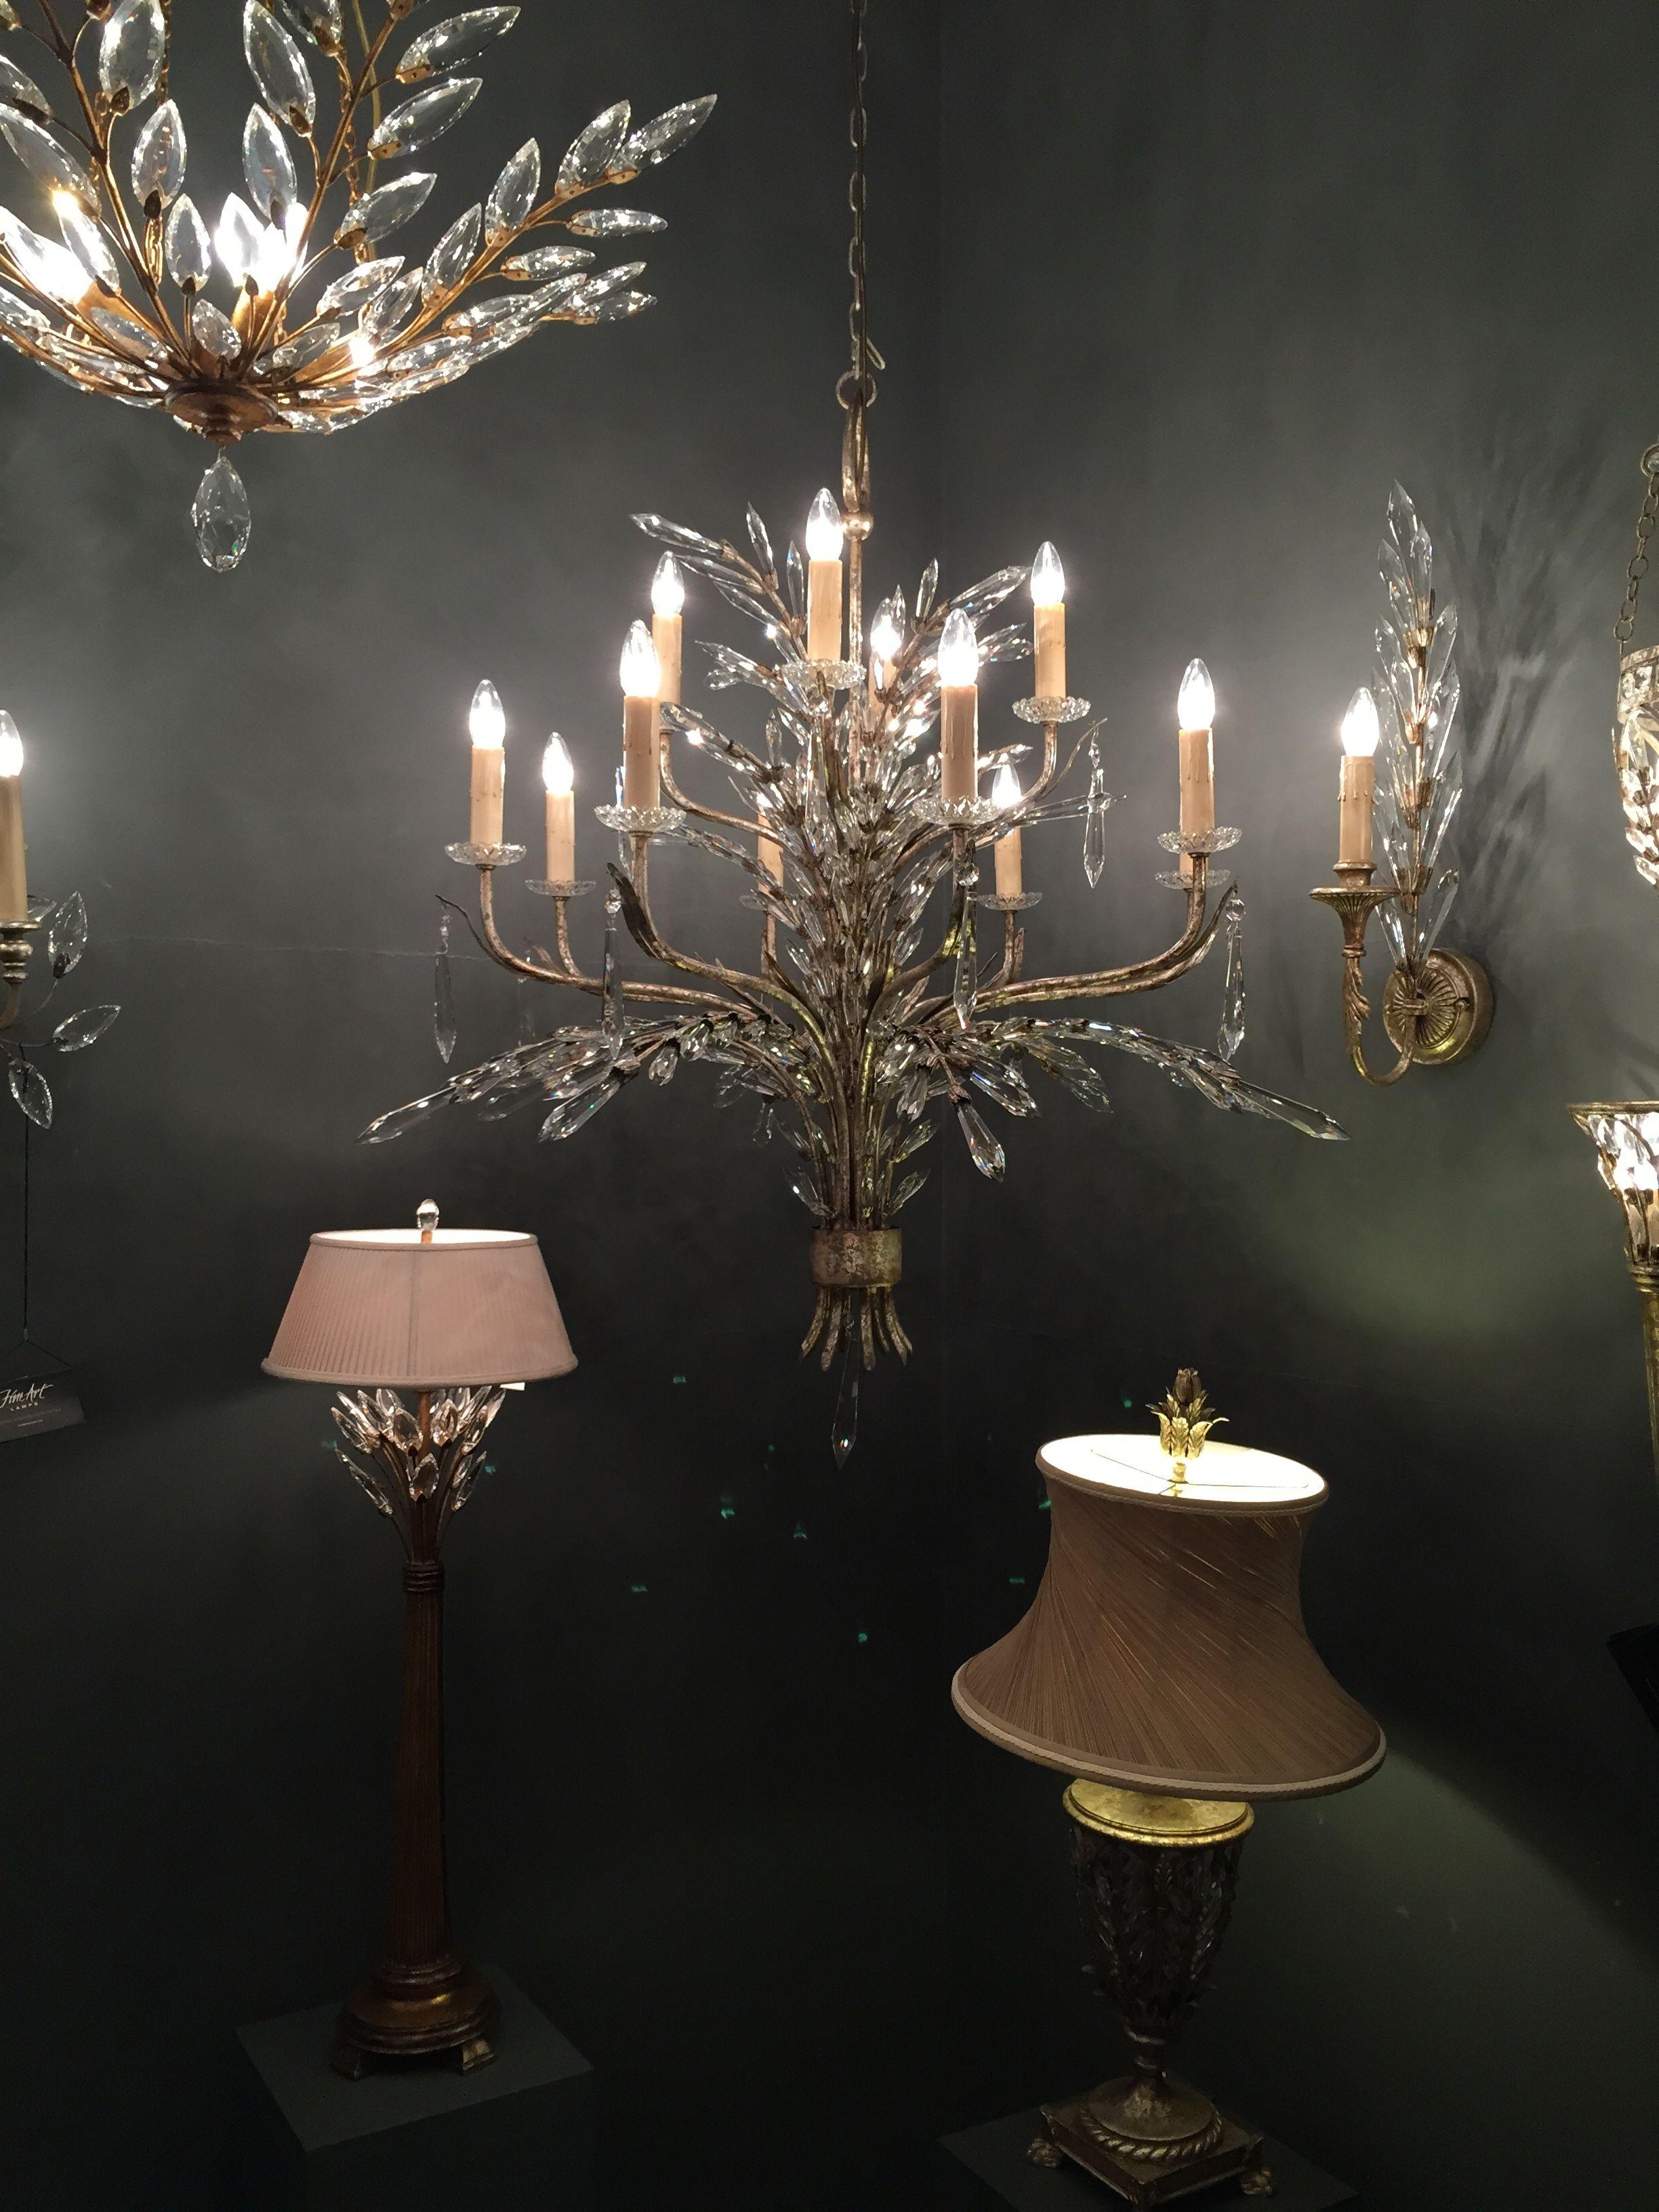 Original Lighting Designs Handcrafted In America Fine Art Lamps Fine Art Lamps Lighting Design